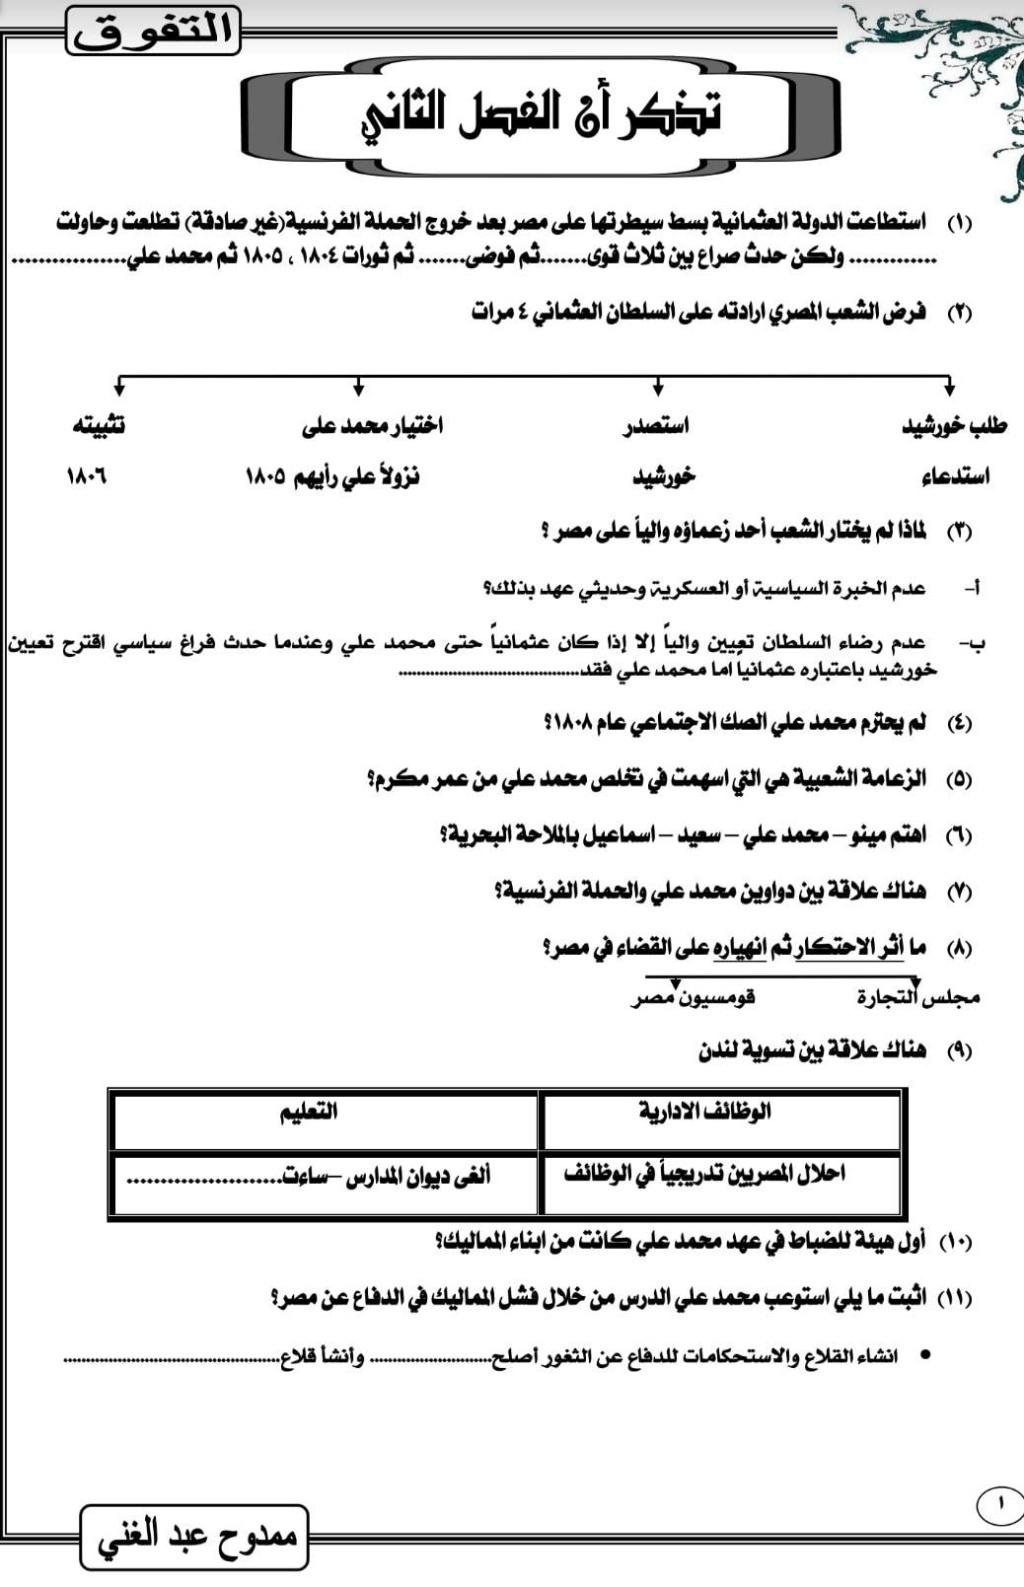 تذكر أهم أحداث التاريخ لمراجعة ليلة امتحان الثانوية العامة أ. ممدوح عبد الغني 55223